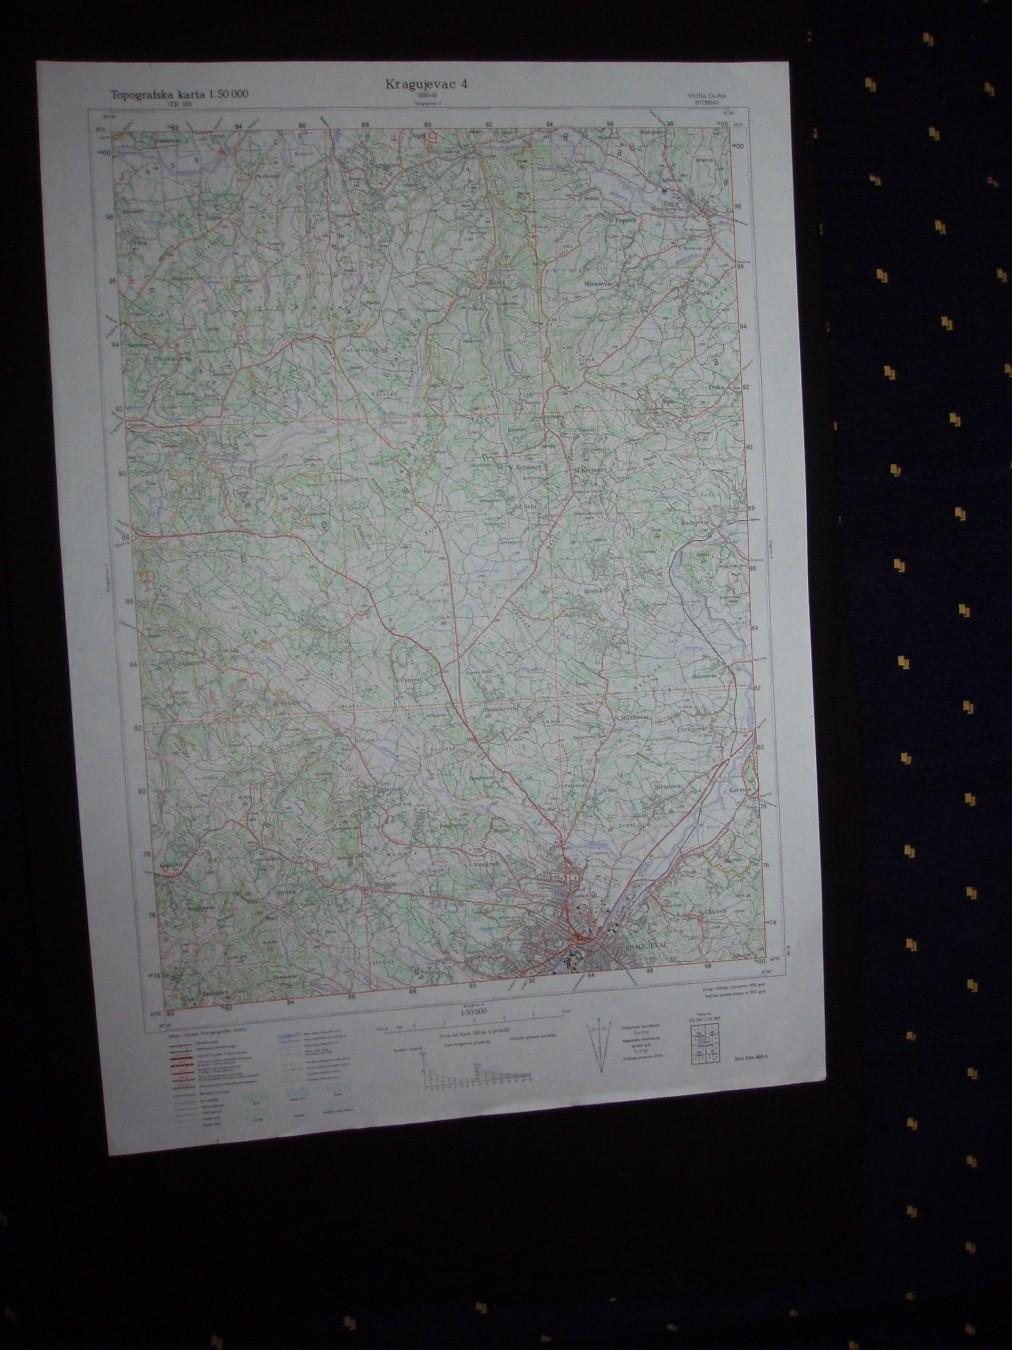 Kragujevac 4 Topografska Karta 1 50 000 480 4 Kupindo Com 31626809